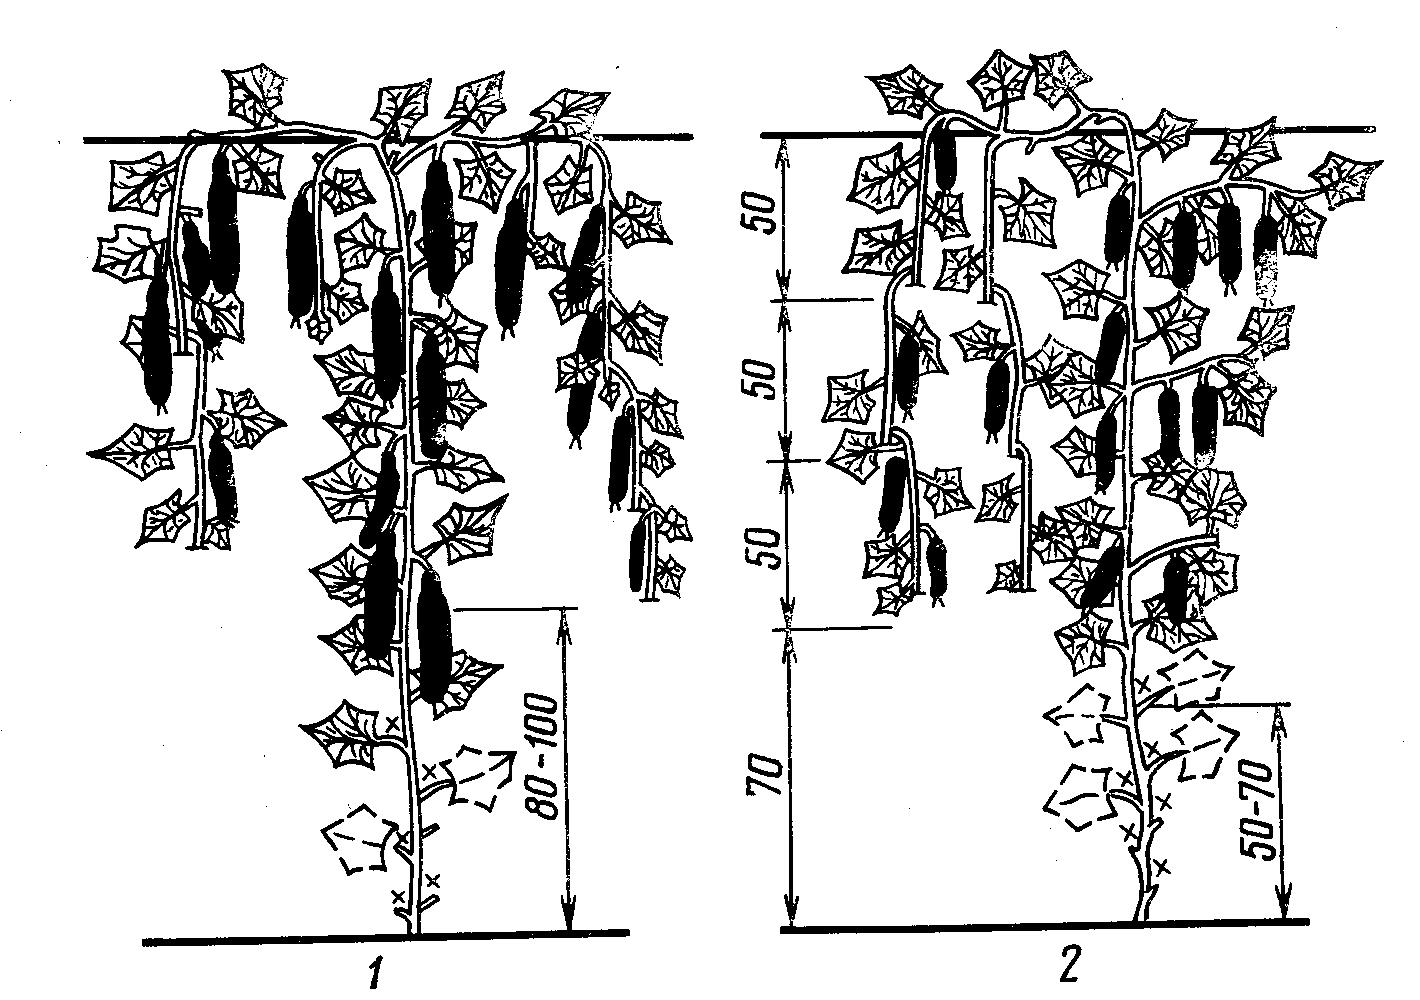 растений, пасынкование огурцов в картинках данной процедуры вызвана